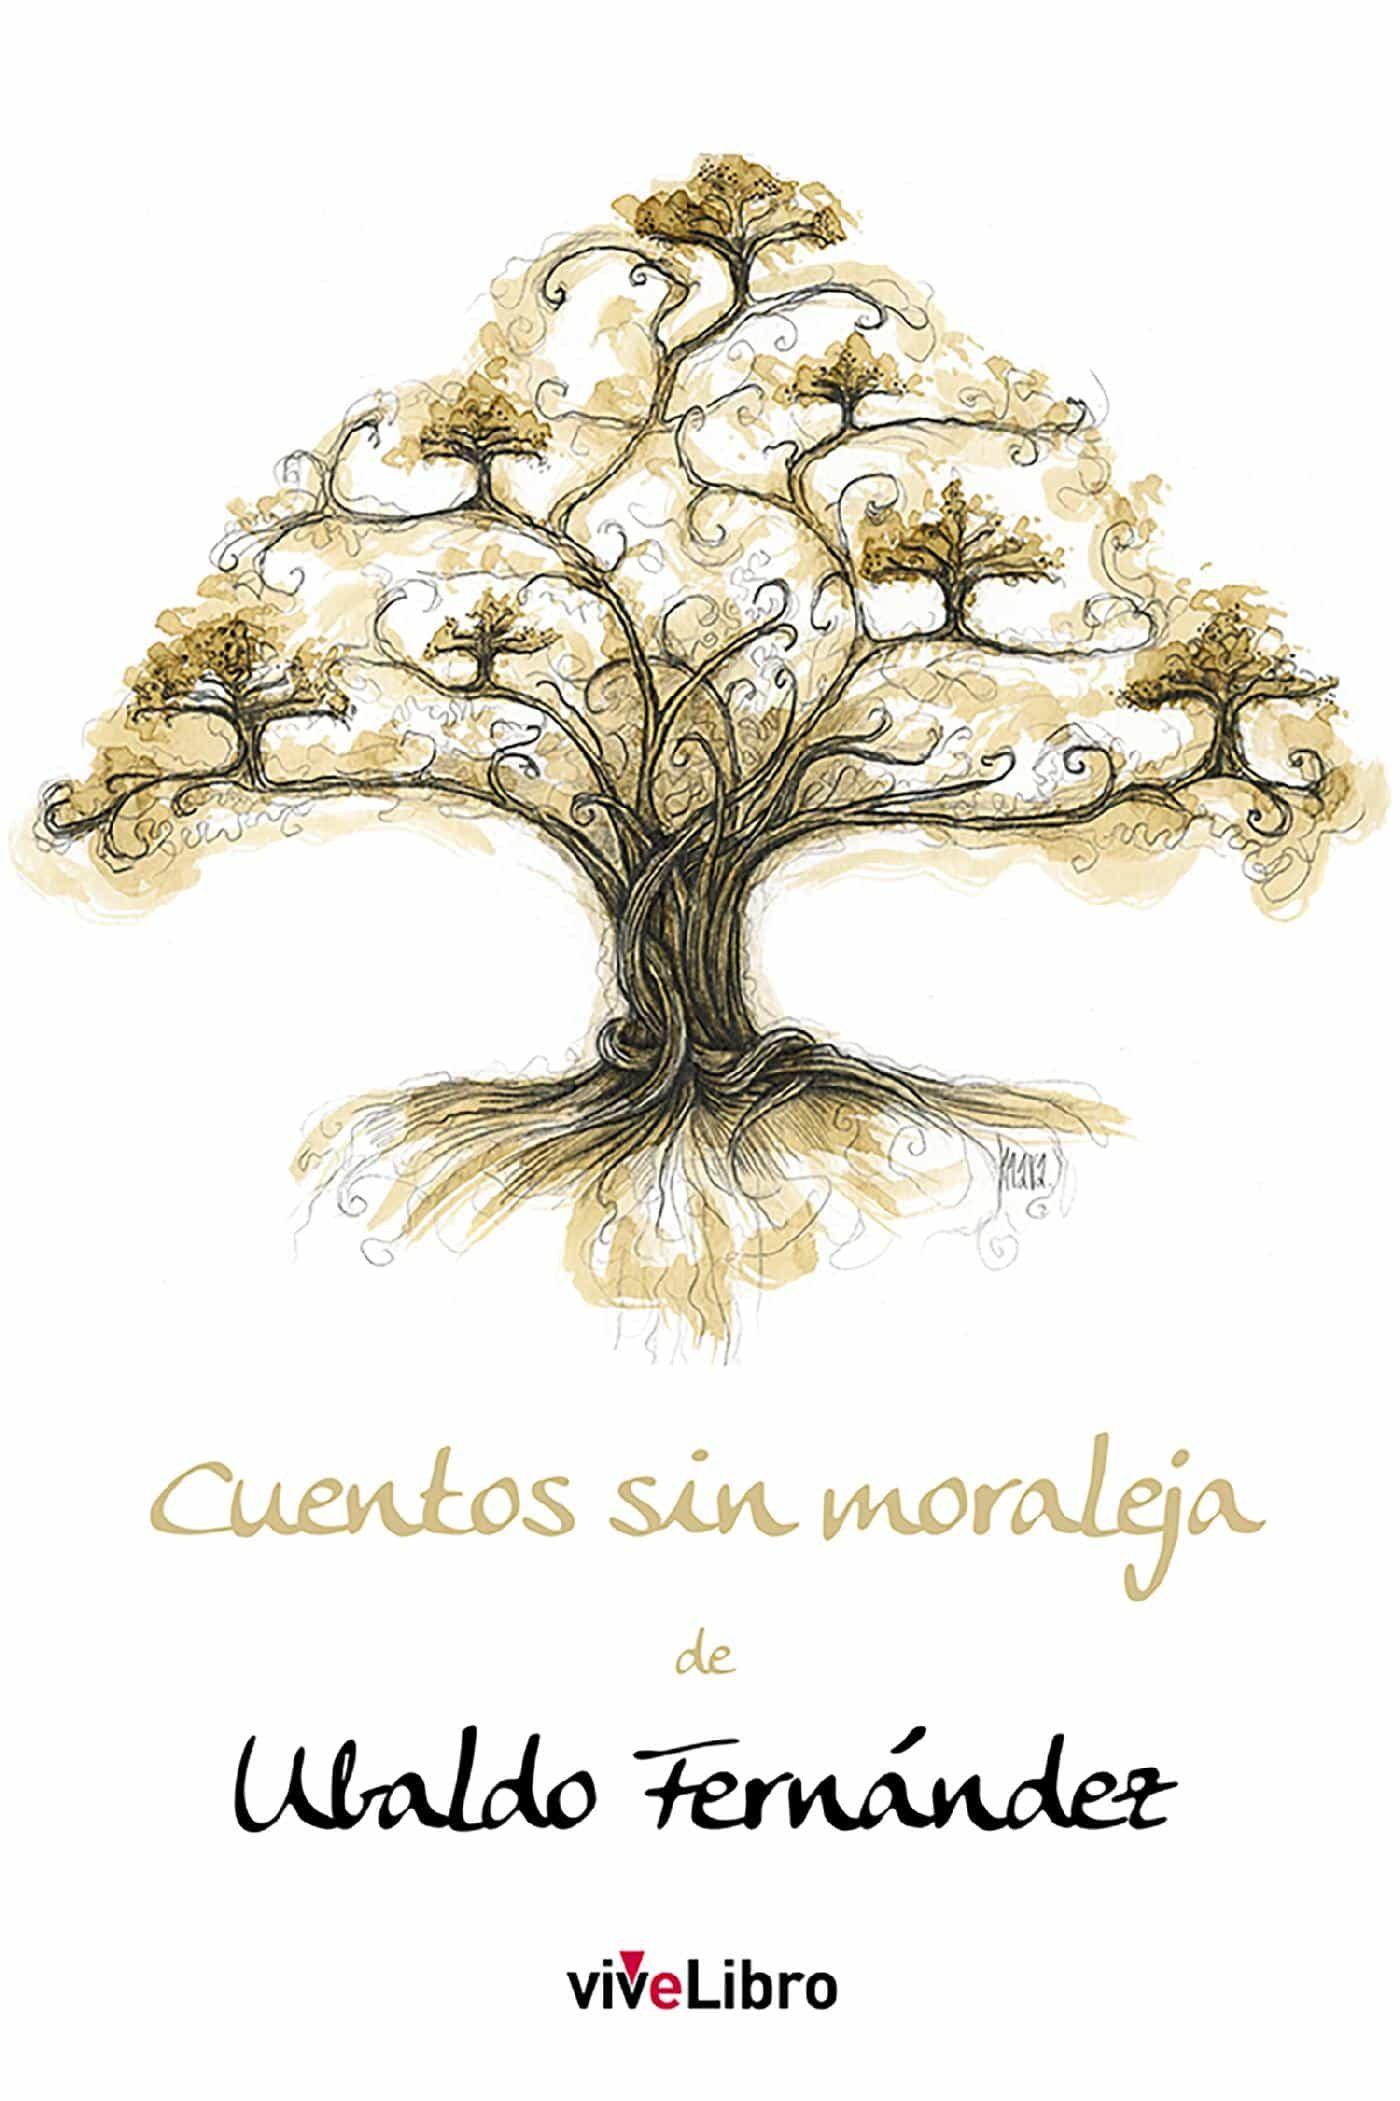 Resultado de imagen de Cuentos sin moraleja Fernández, Ubaldo